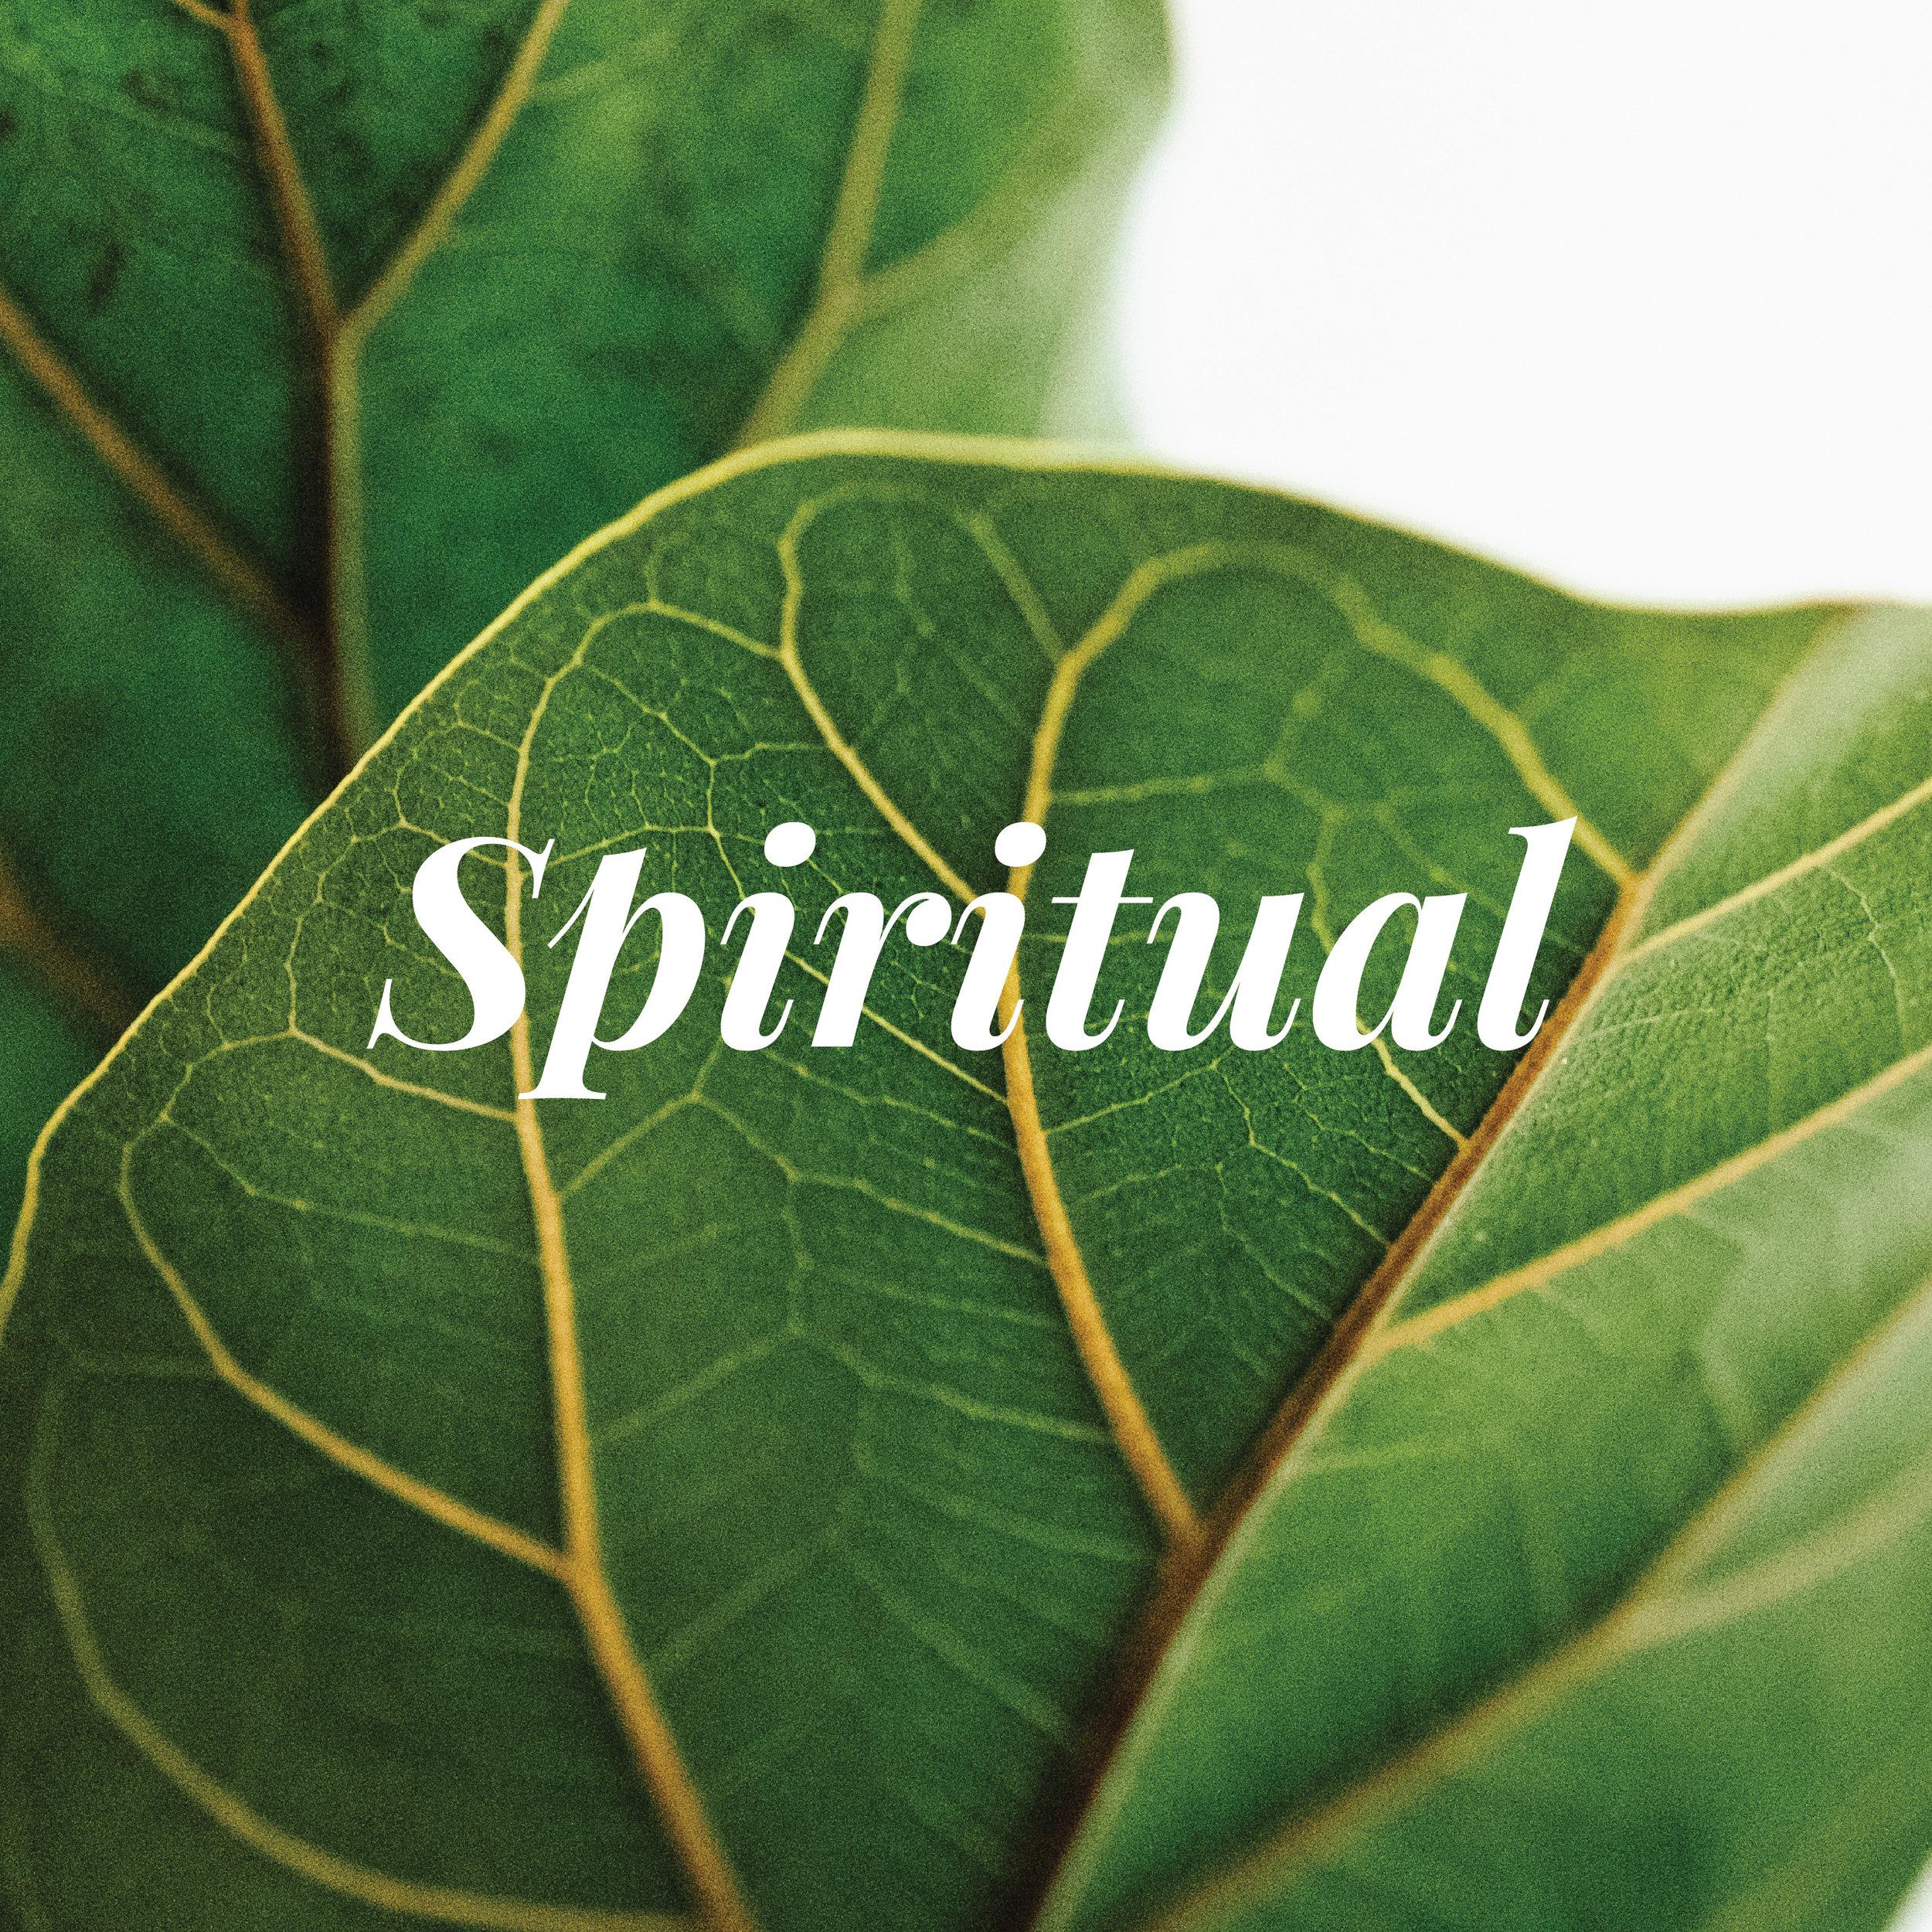 Spiritual 2 copy.jpg